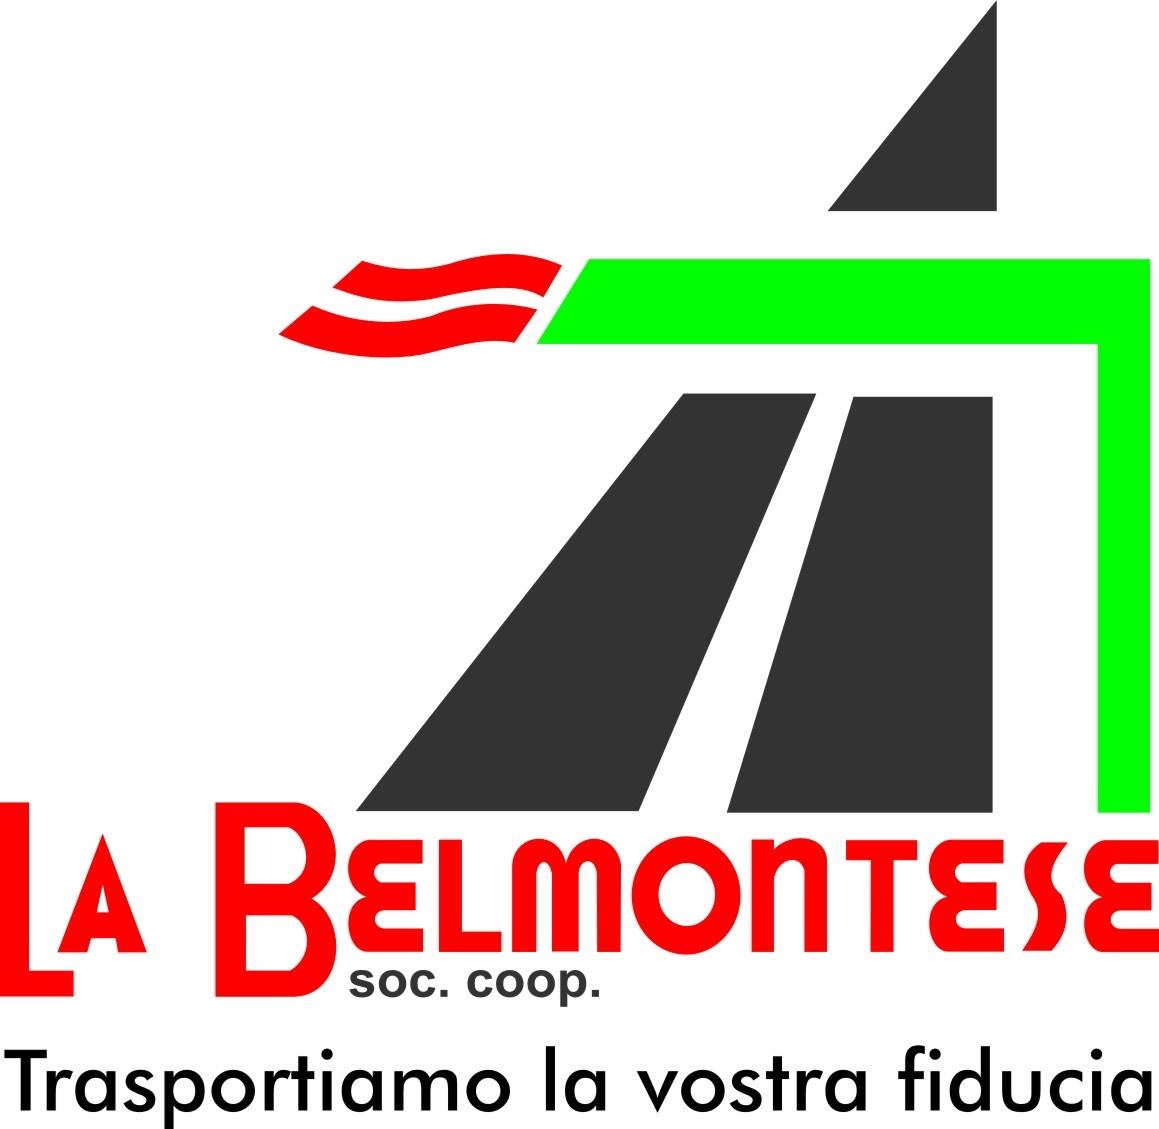 La Belmontese srl